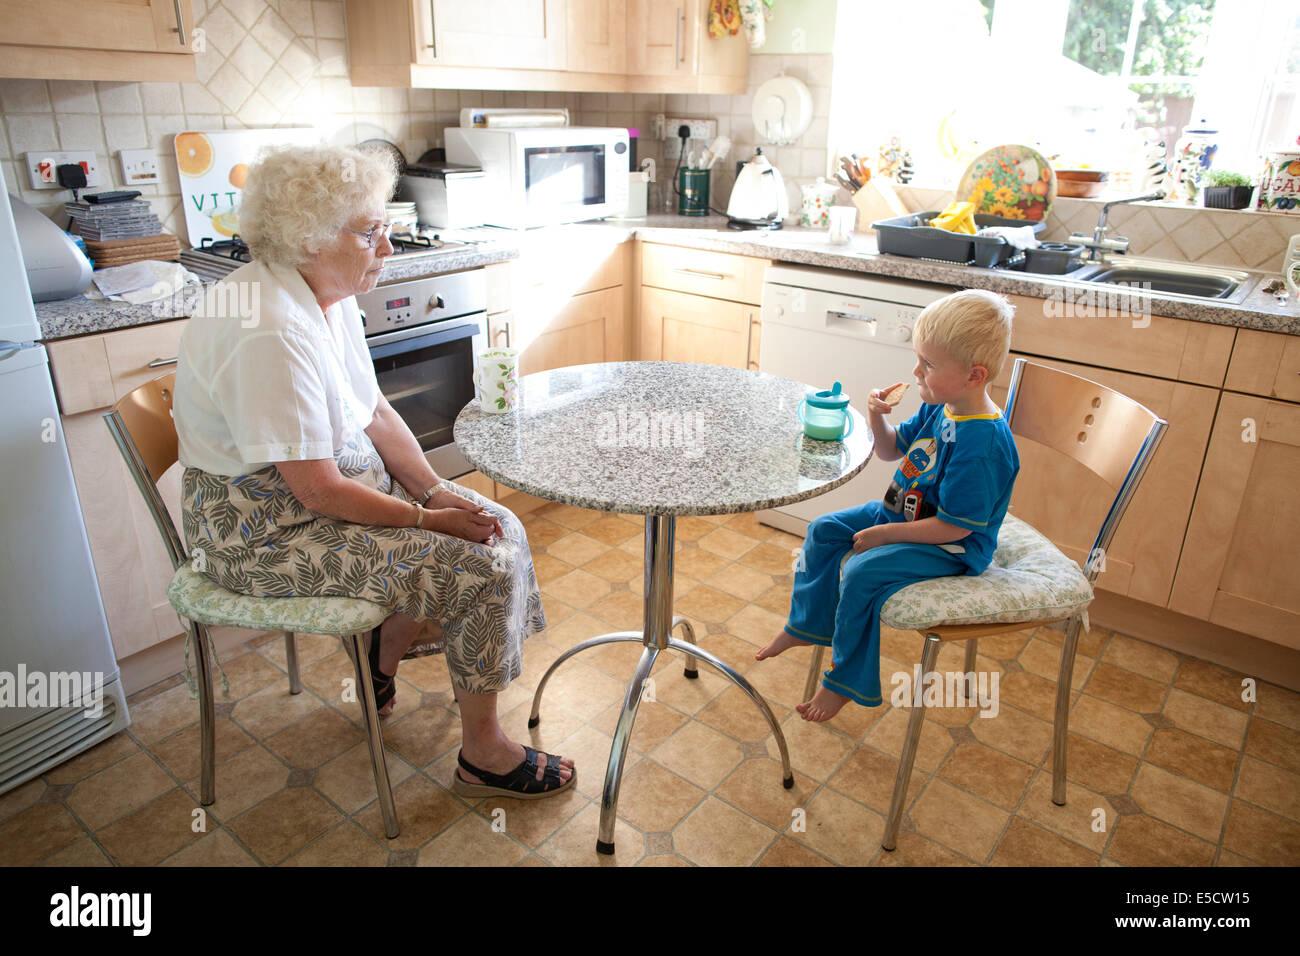 Abuela sentada a la mesa con su nieto (de 3 años) mientras bebe un vaso de leche y se come una galleta, Reino Imagen De Stock